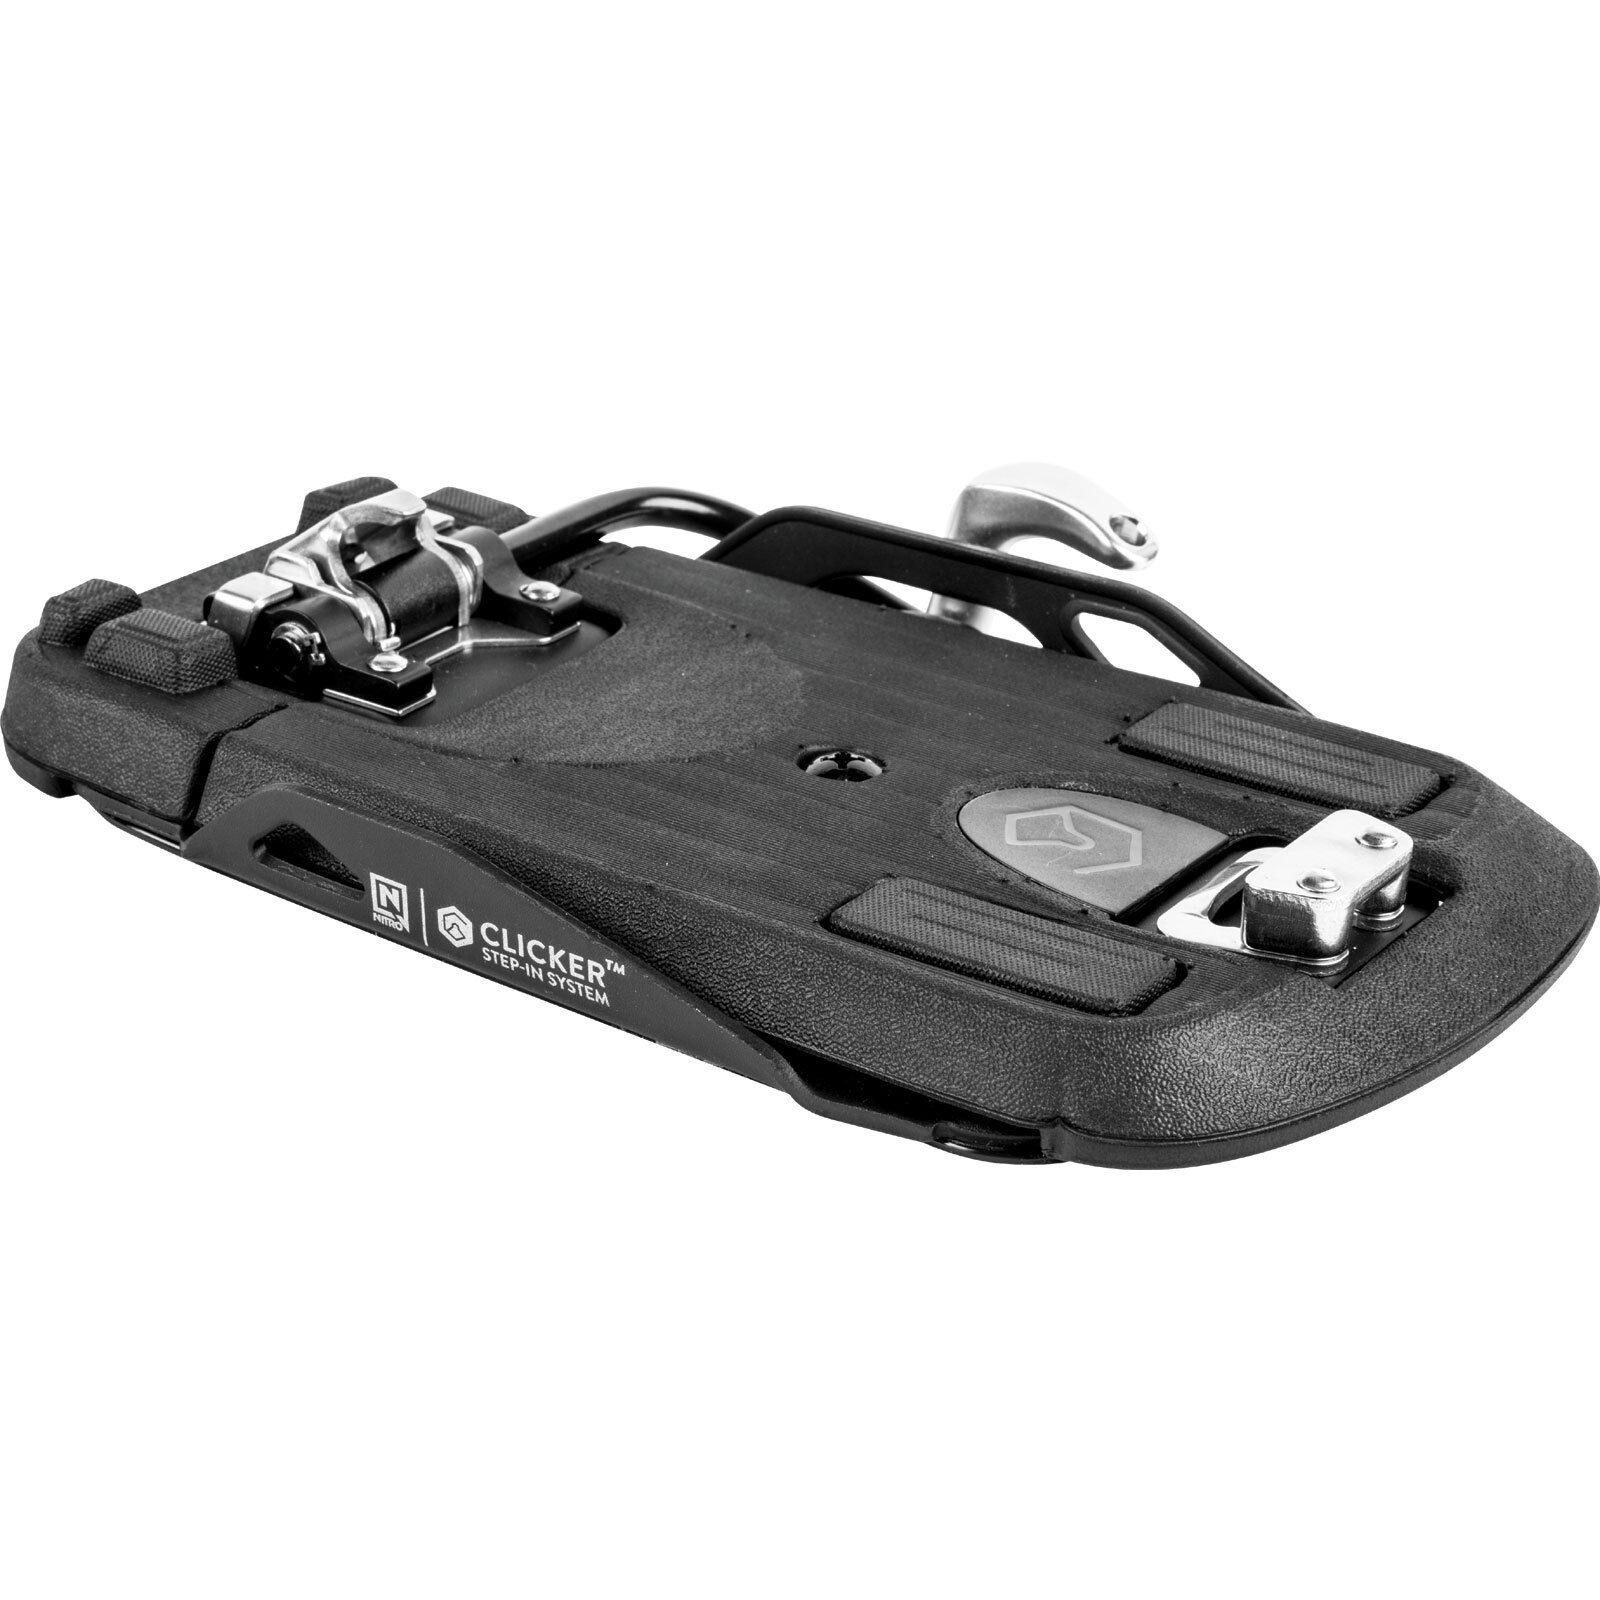 Nitro Clicker Step-In Fijación para Snowboard Fijación Snowboard Uni Nuevo